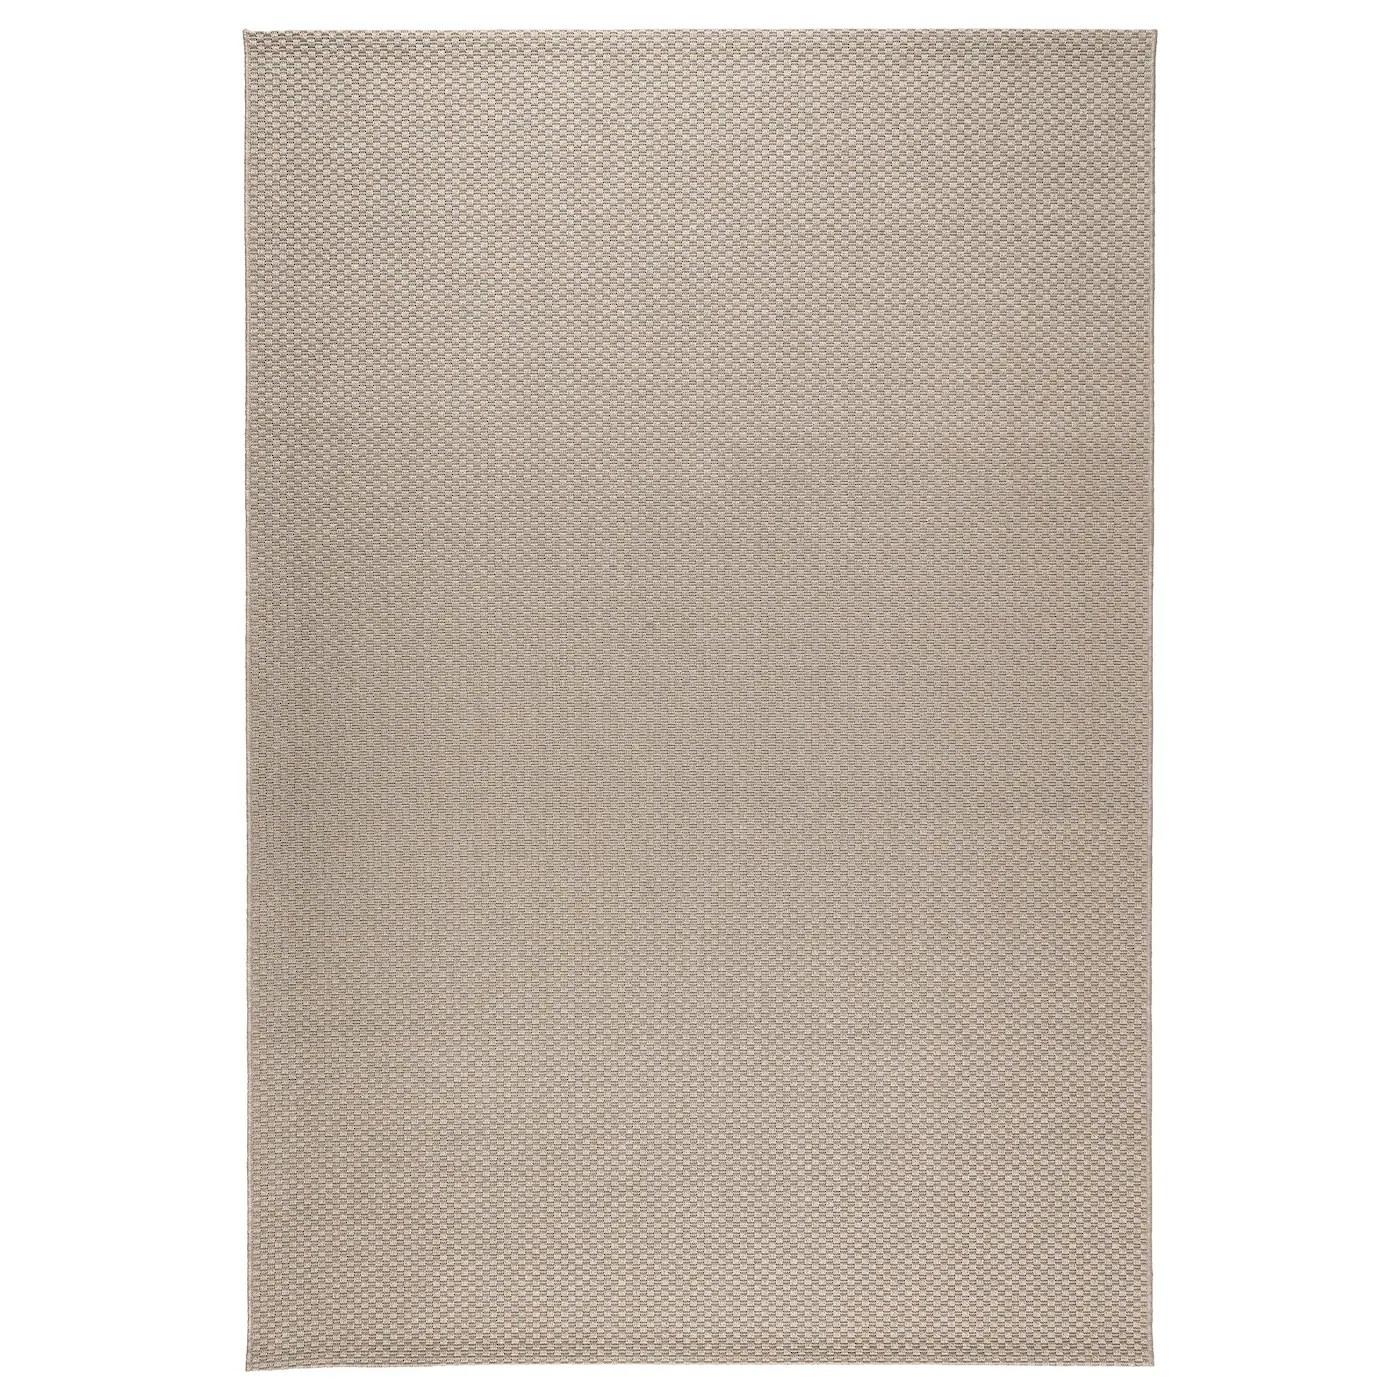 morum tapis tisse a plat int exterieur beige 160x230 cm